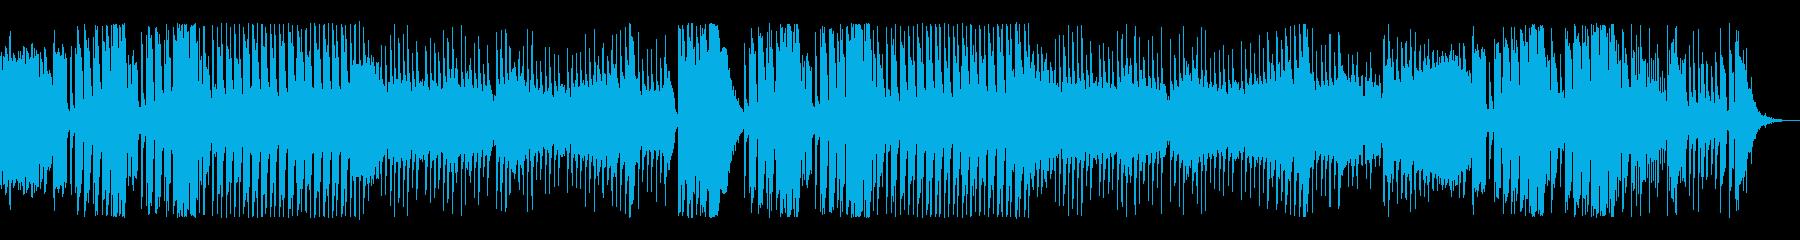 メルヘンかわいいおもちゃのピアノ曲の再生済みの波形